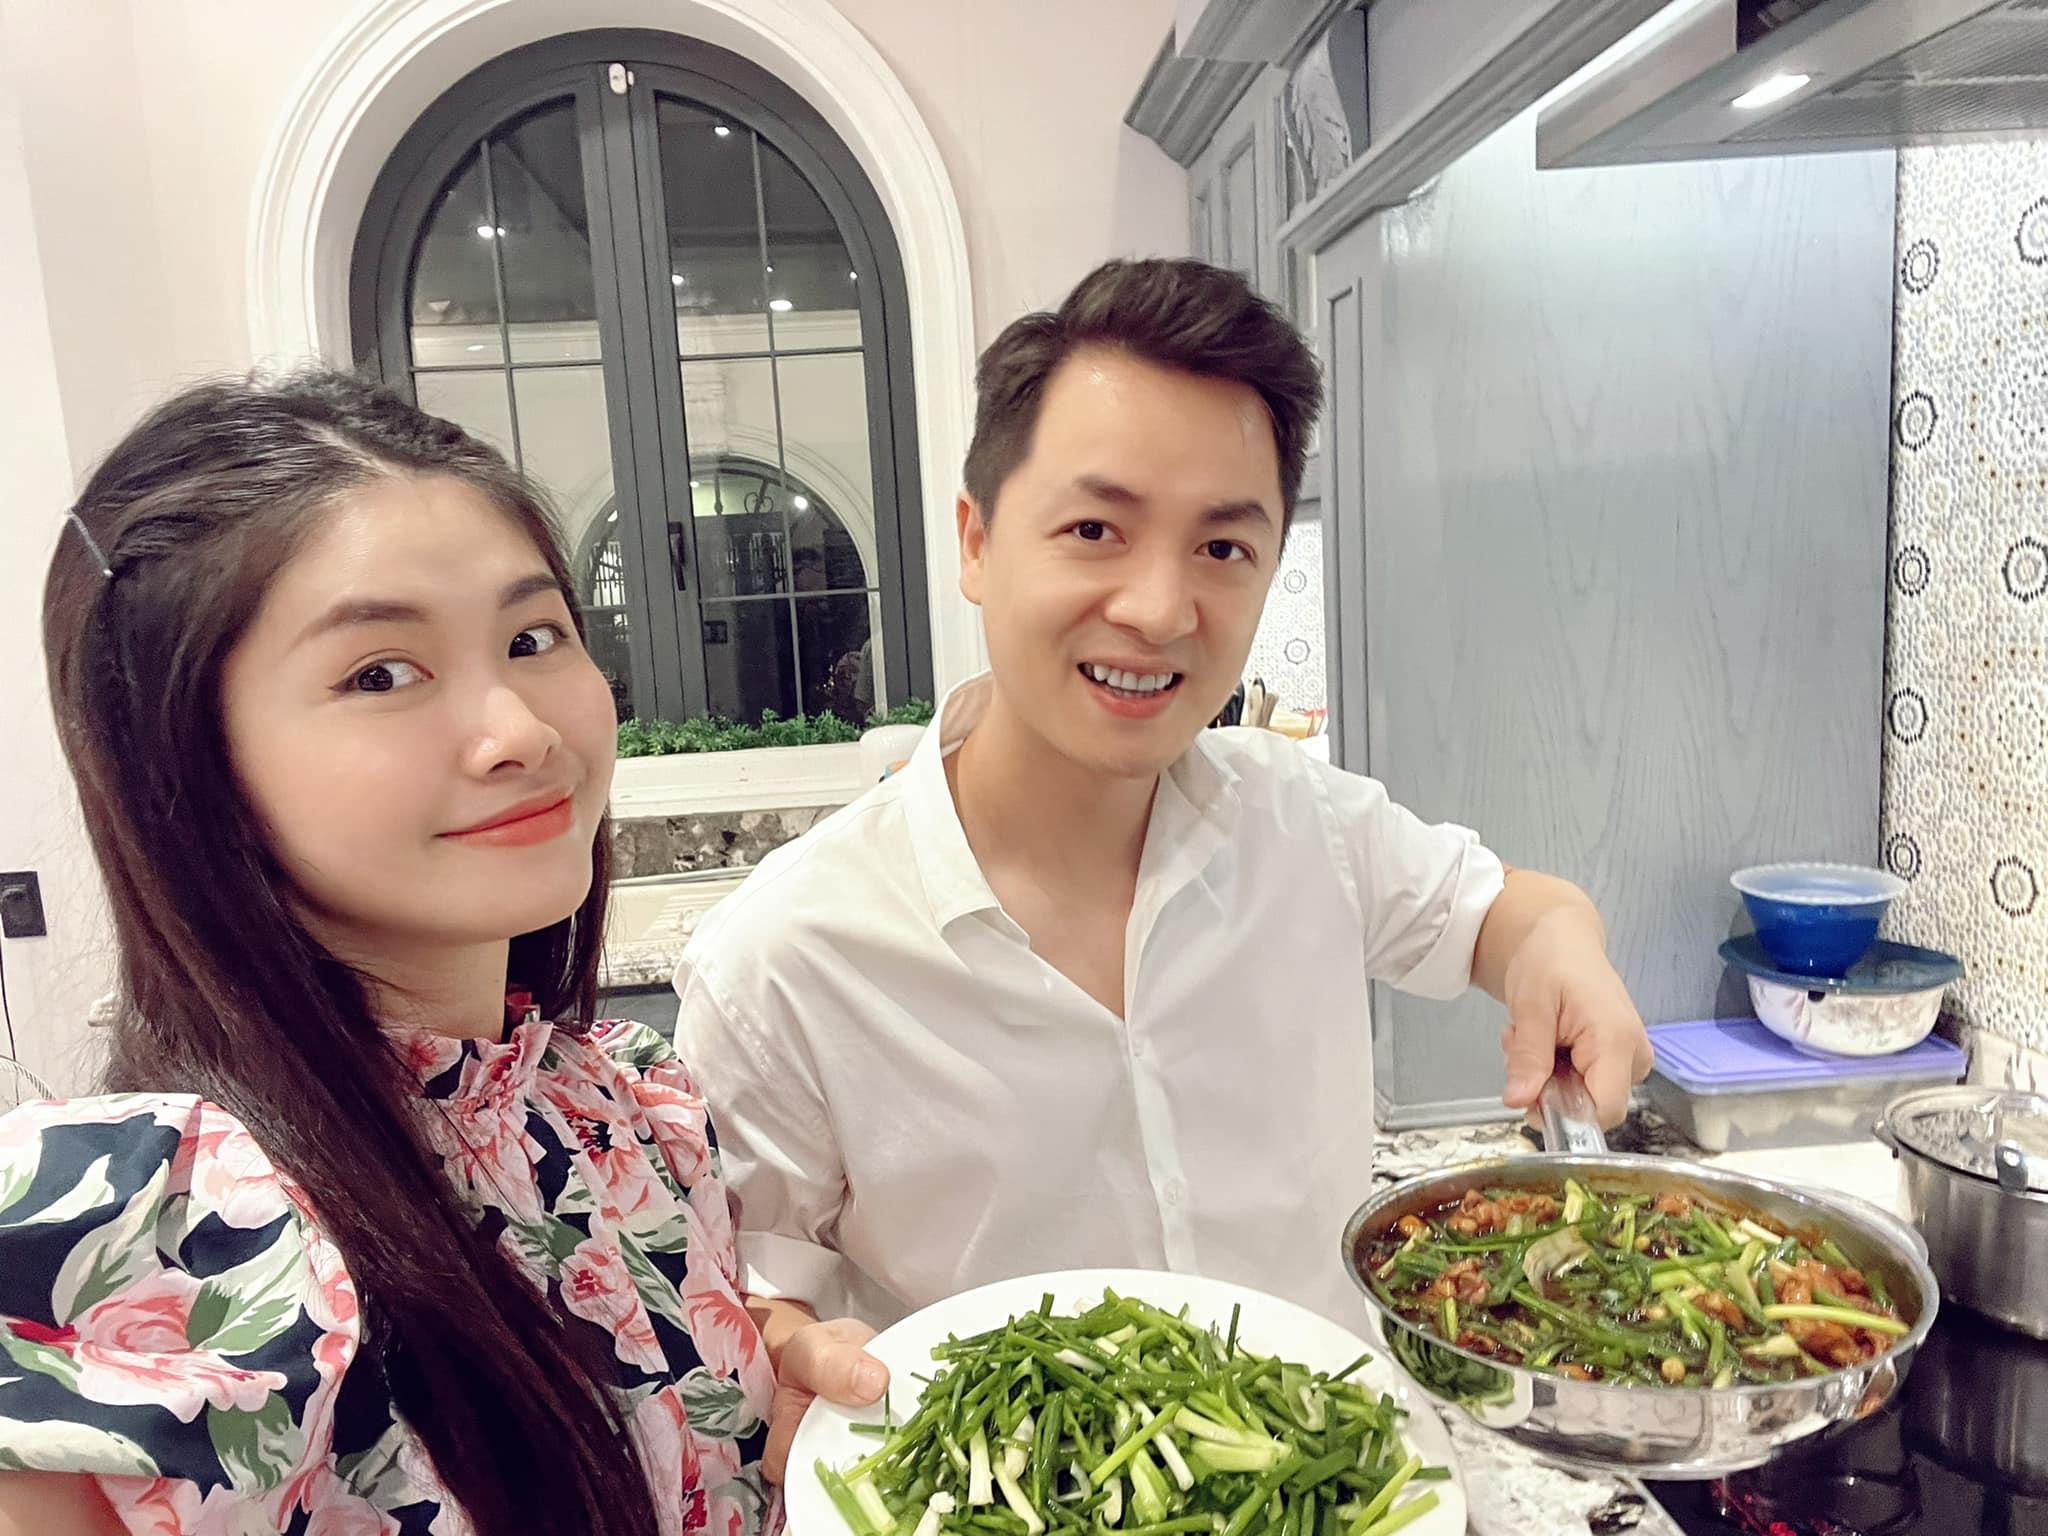 Cuối tuần của hội hot mom: Bà xã Tuấn Hưng đón sinh nhật tuổi 30, Thủy Anh khoe bữa cơm 5 sao do ông xã Đăng Khôi tự nấu - Ảnh 2.